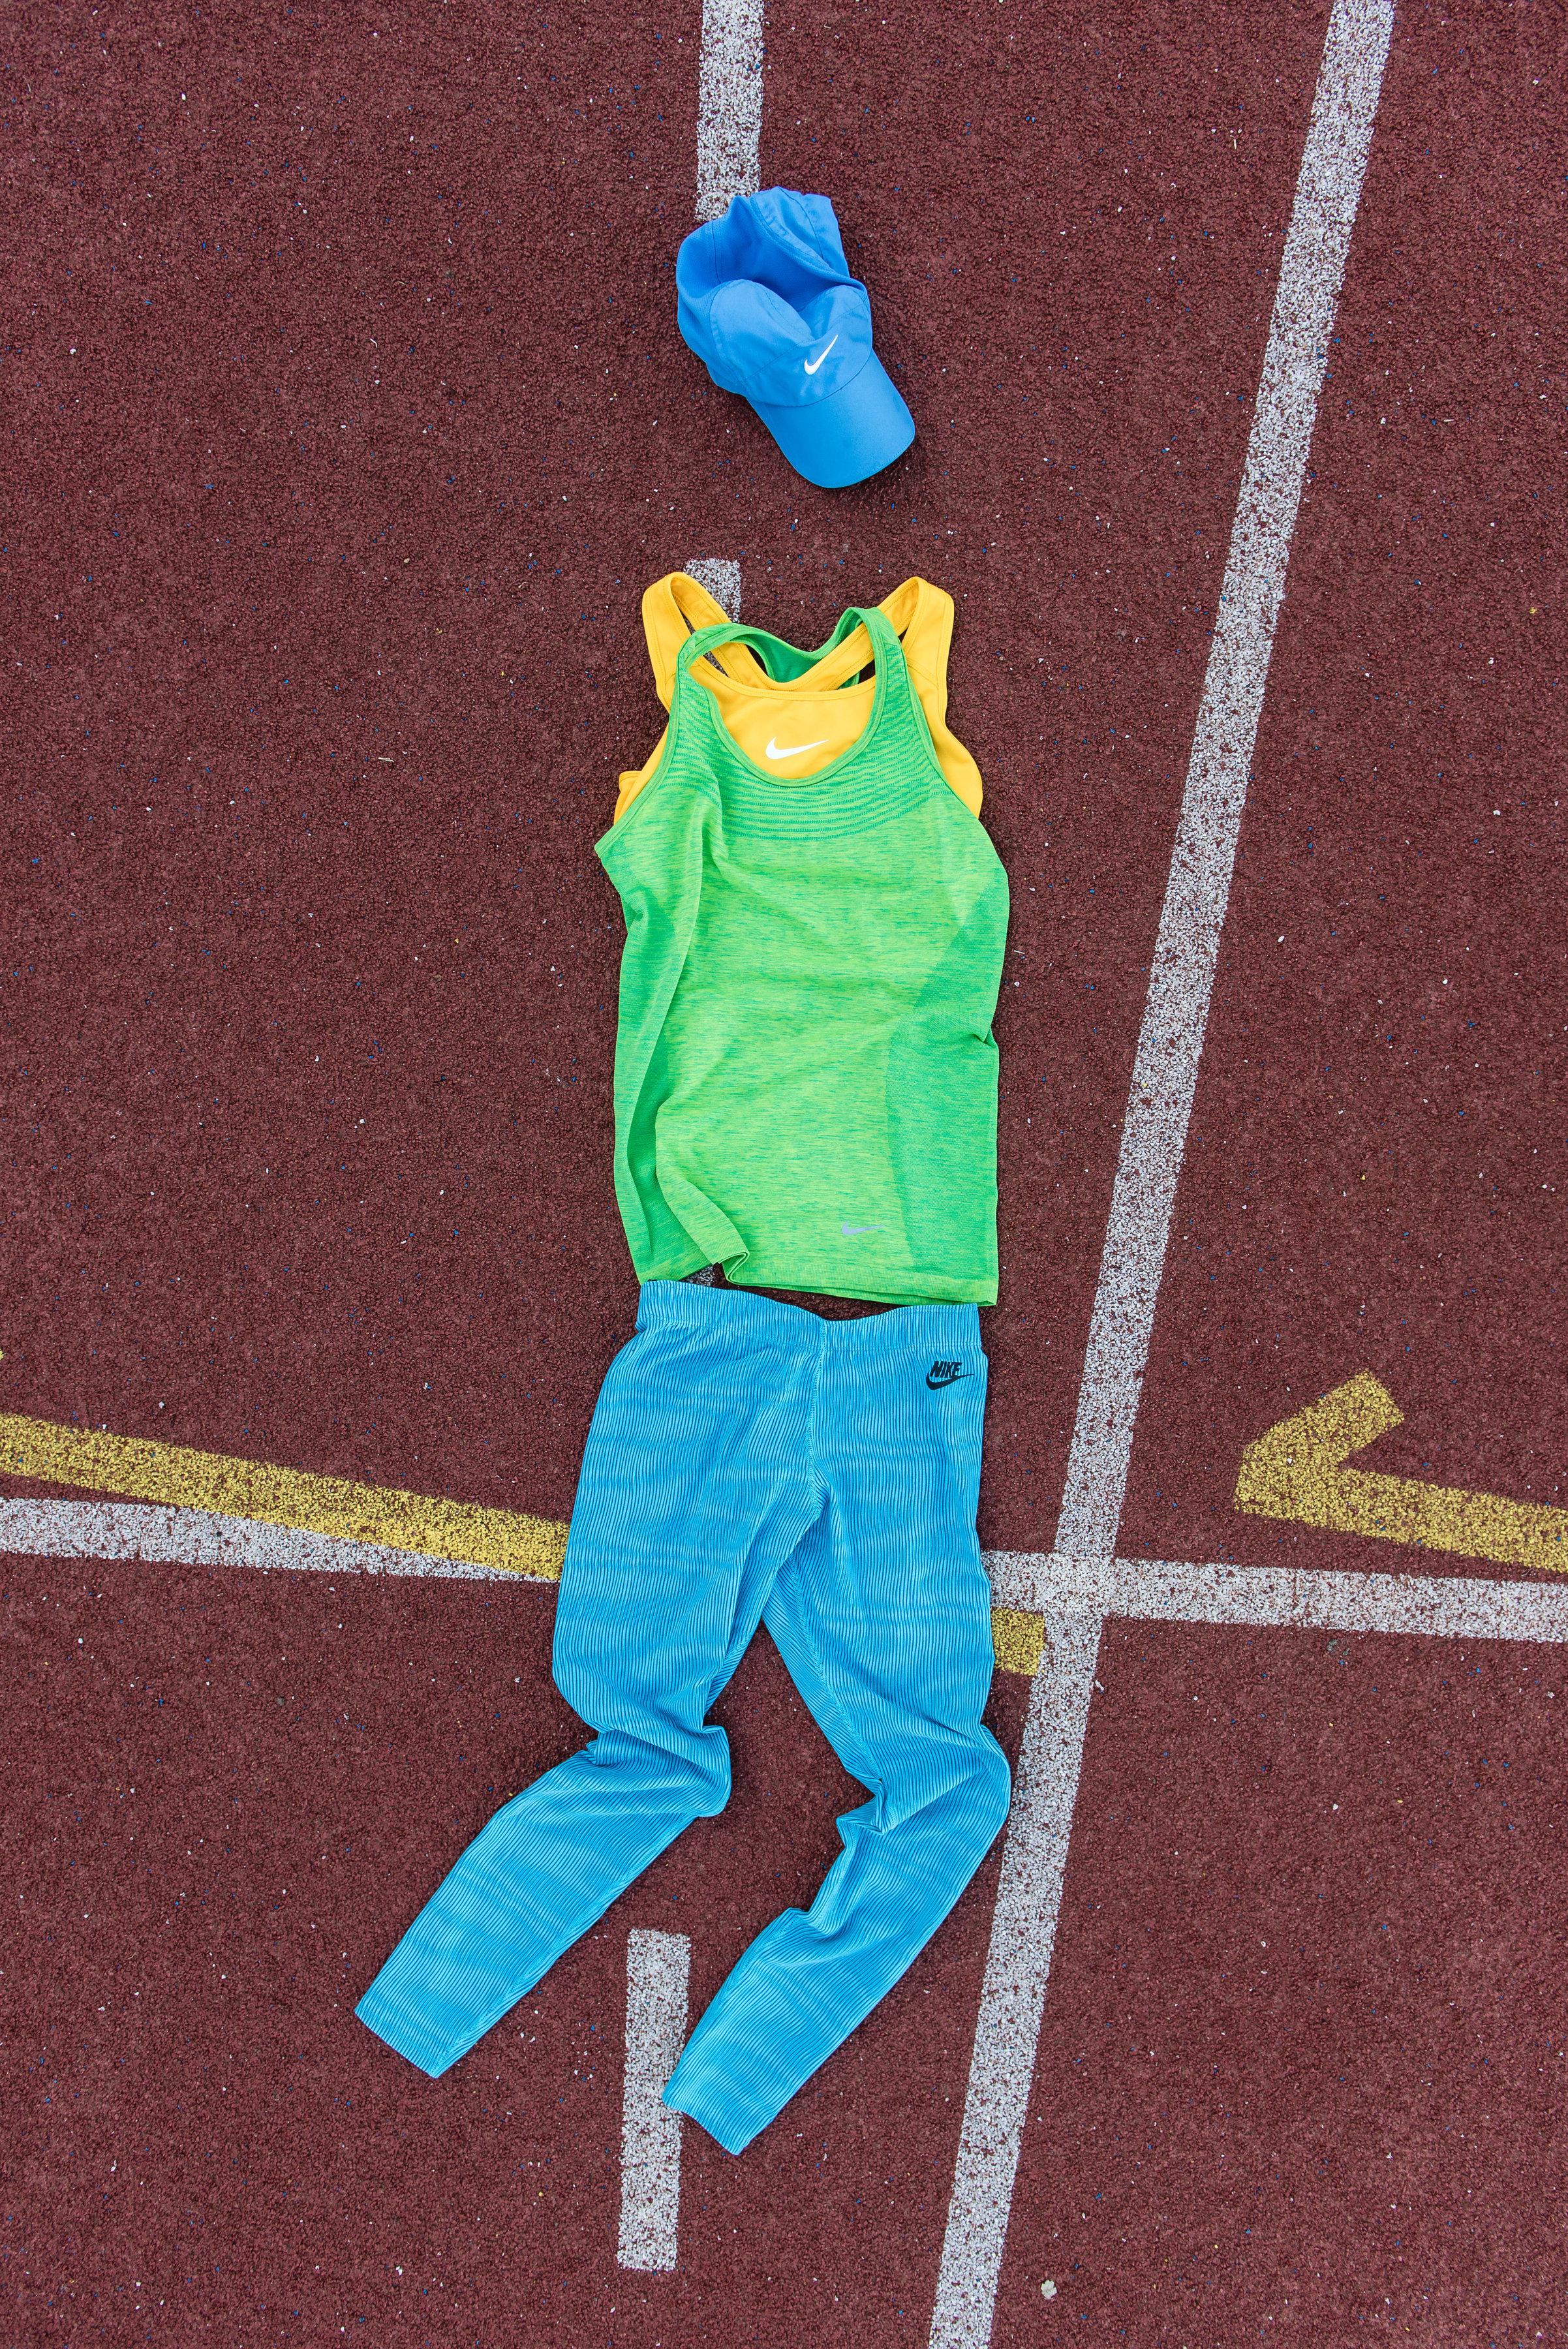 Nike Dri-Fit gear